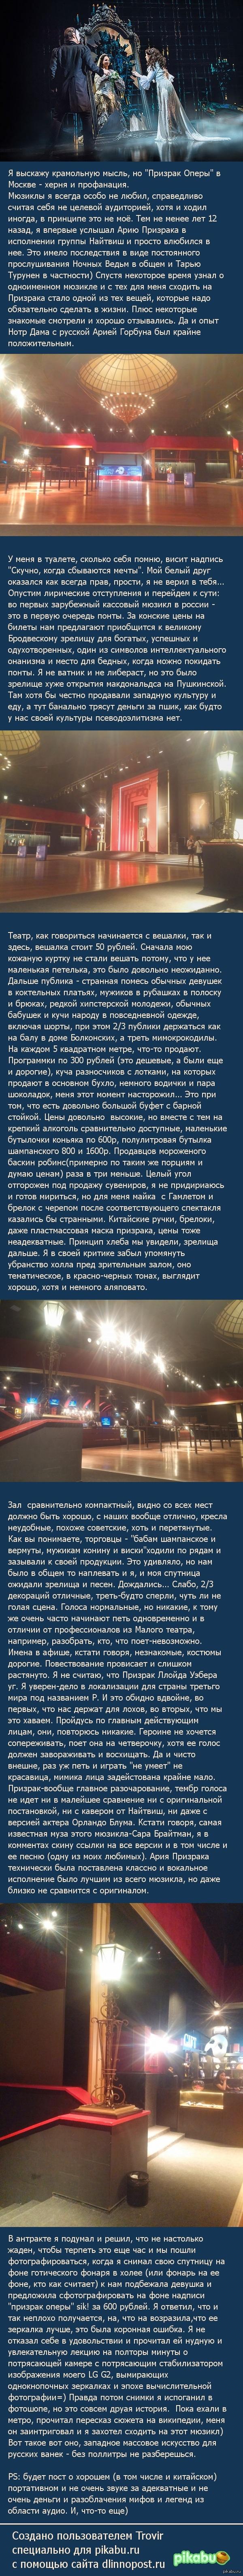 Московский Призрак Оперы или боль, страдание и катарсис Бродвея на московских подмостках